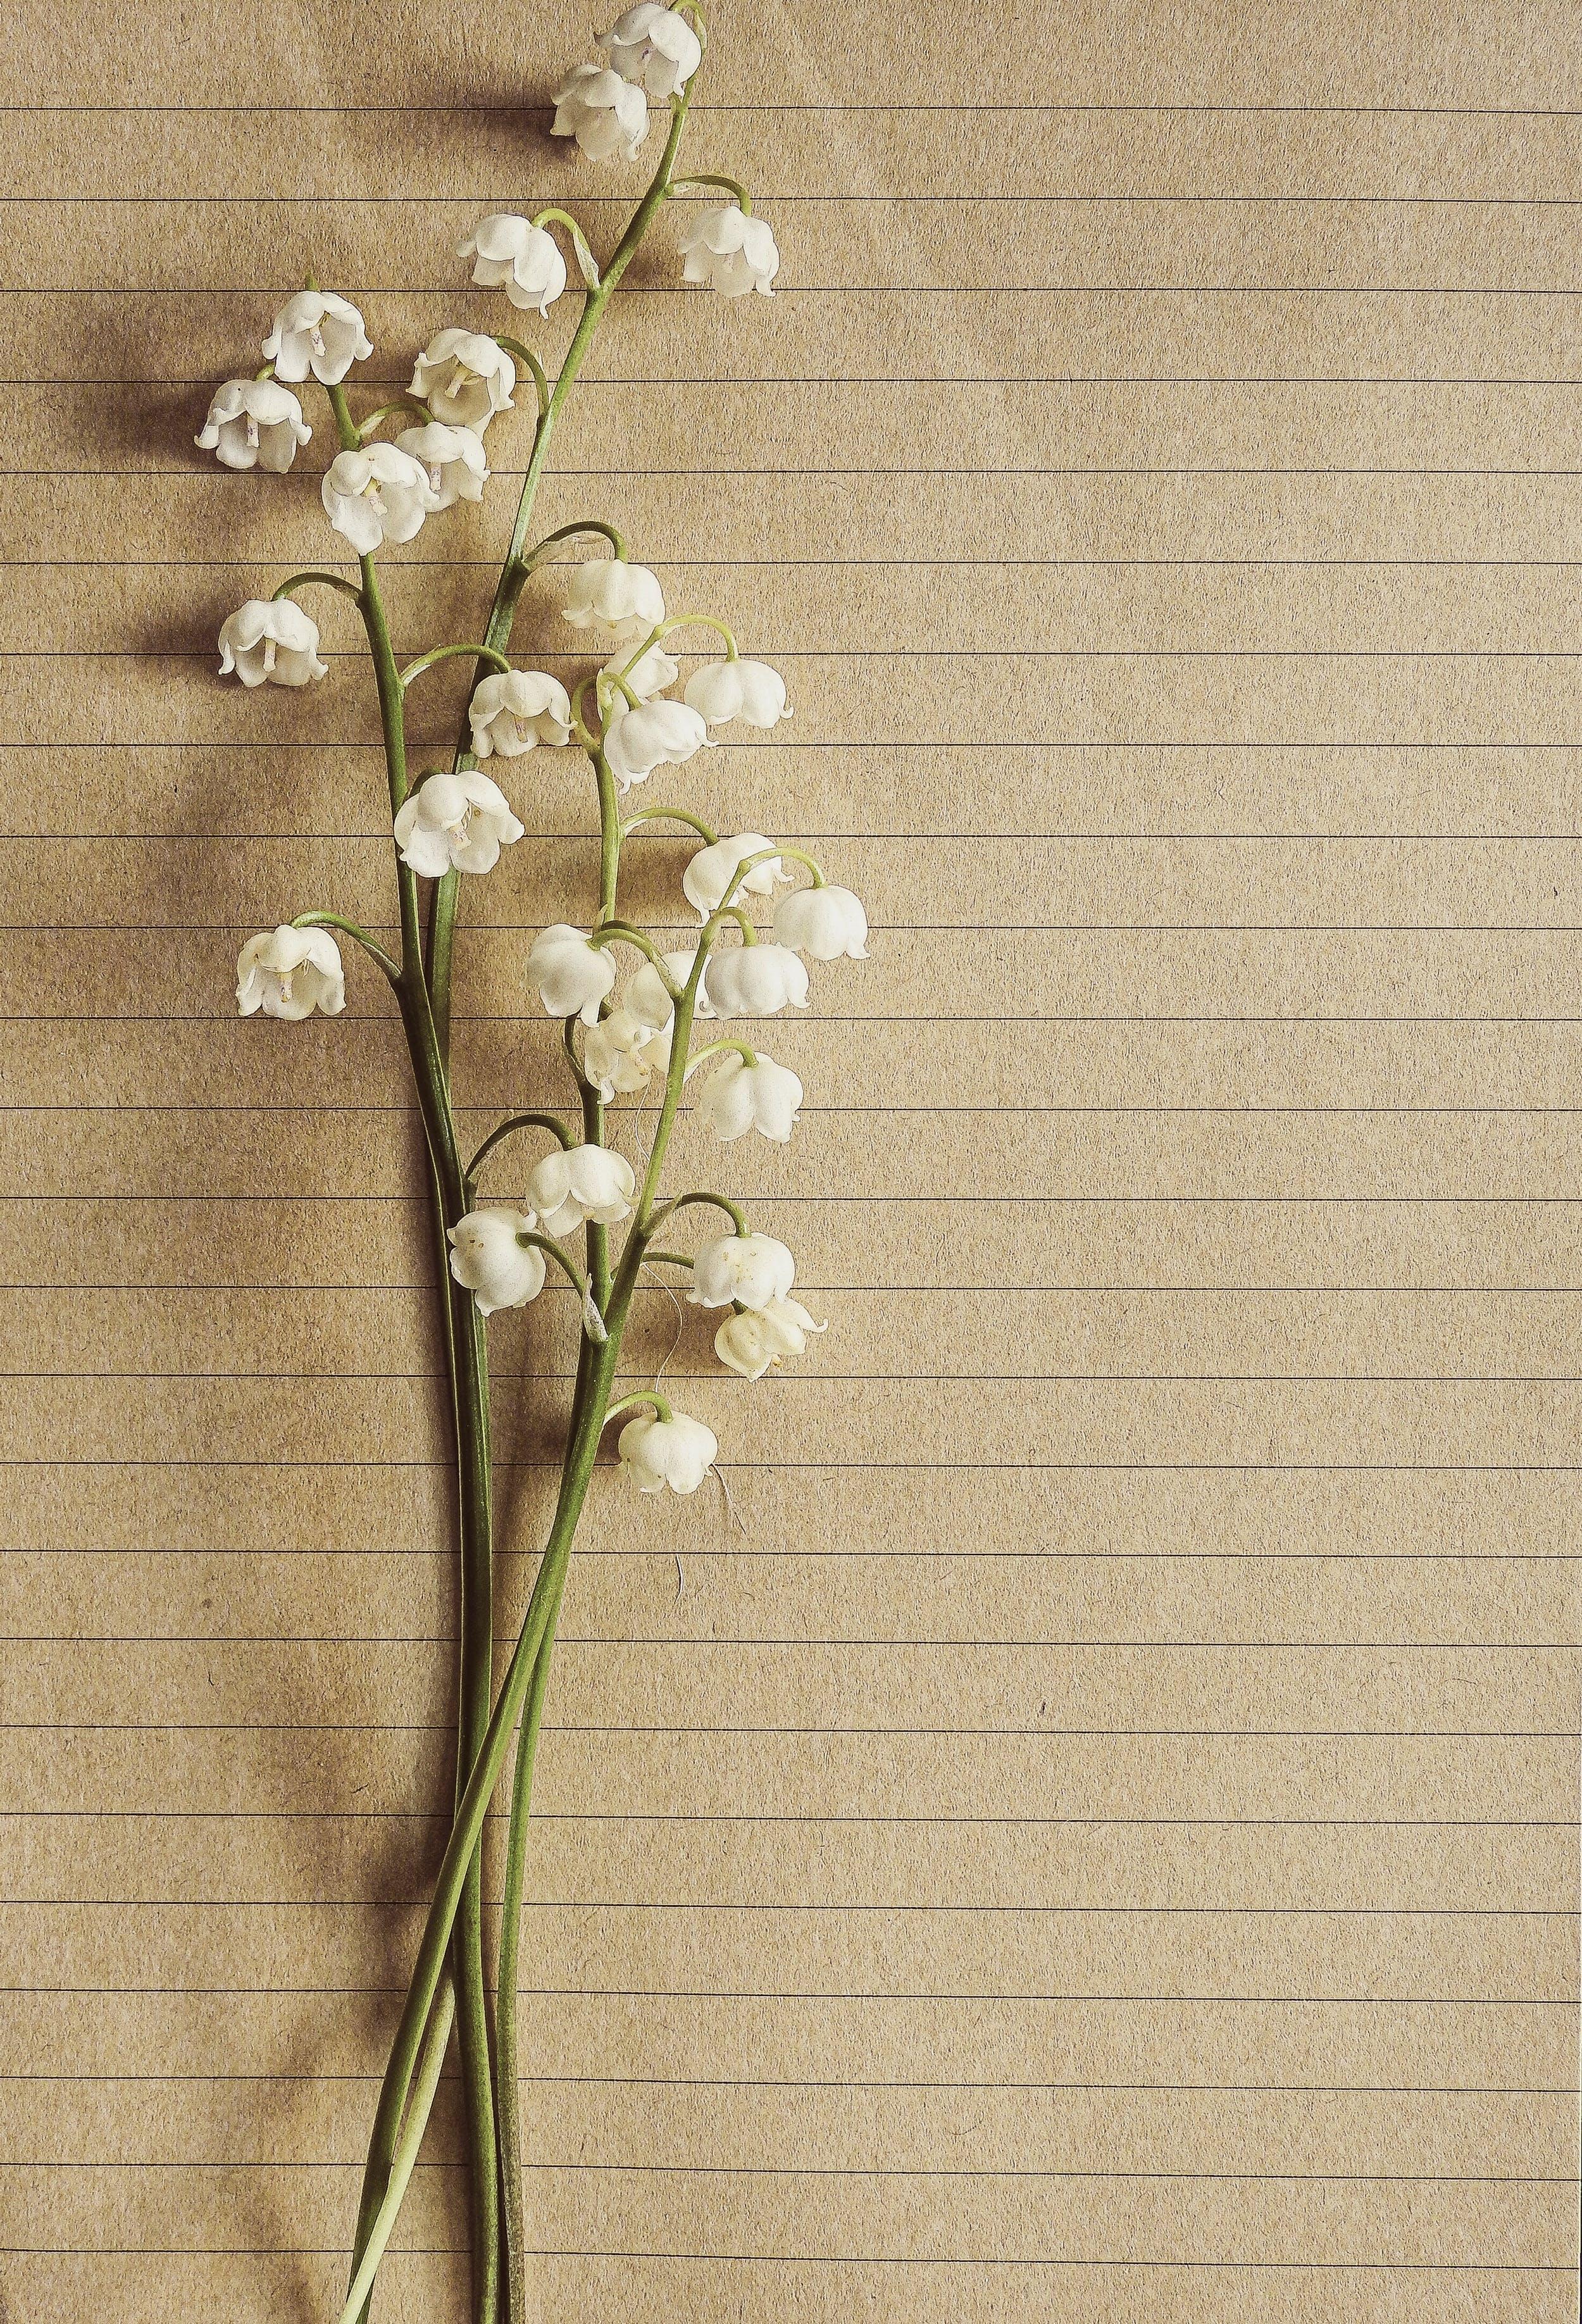 bakgrund, blomma, blommor